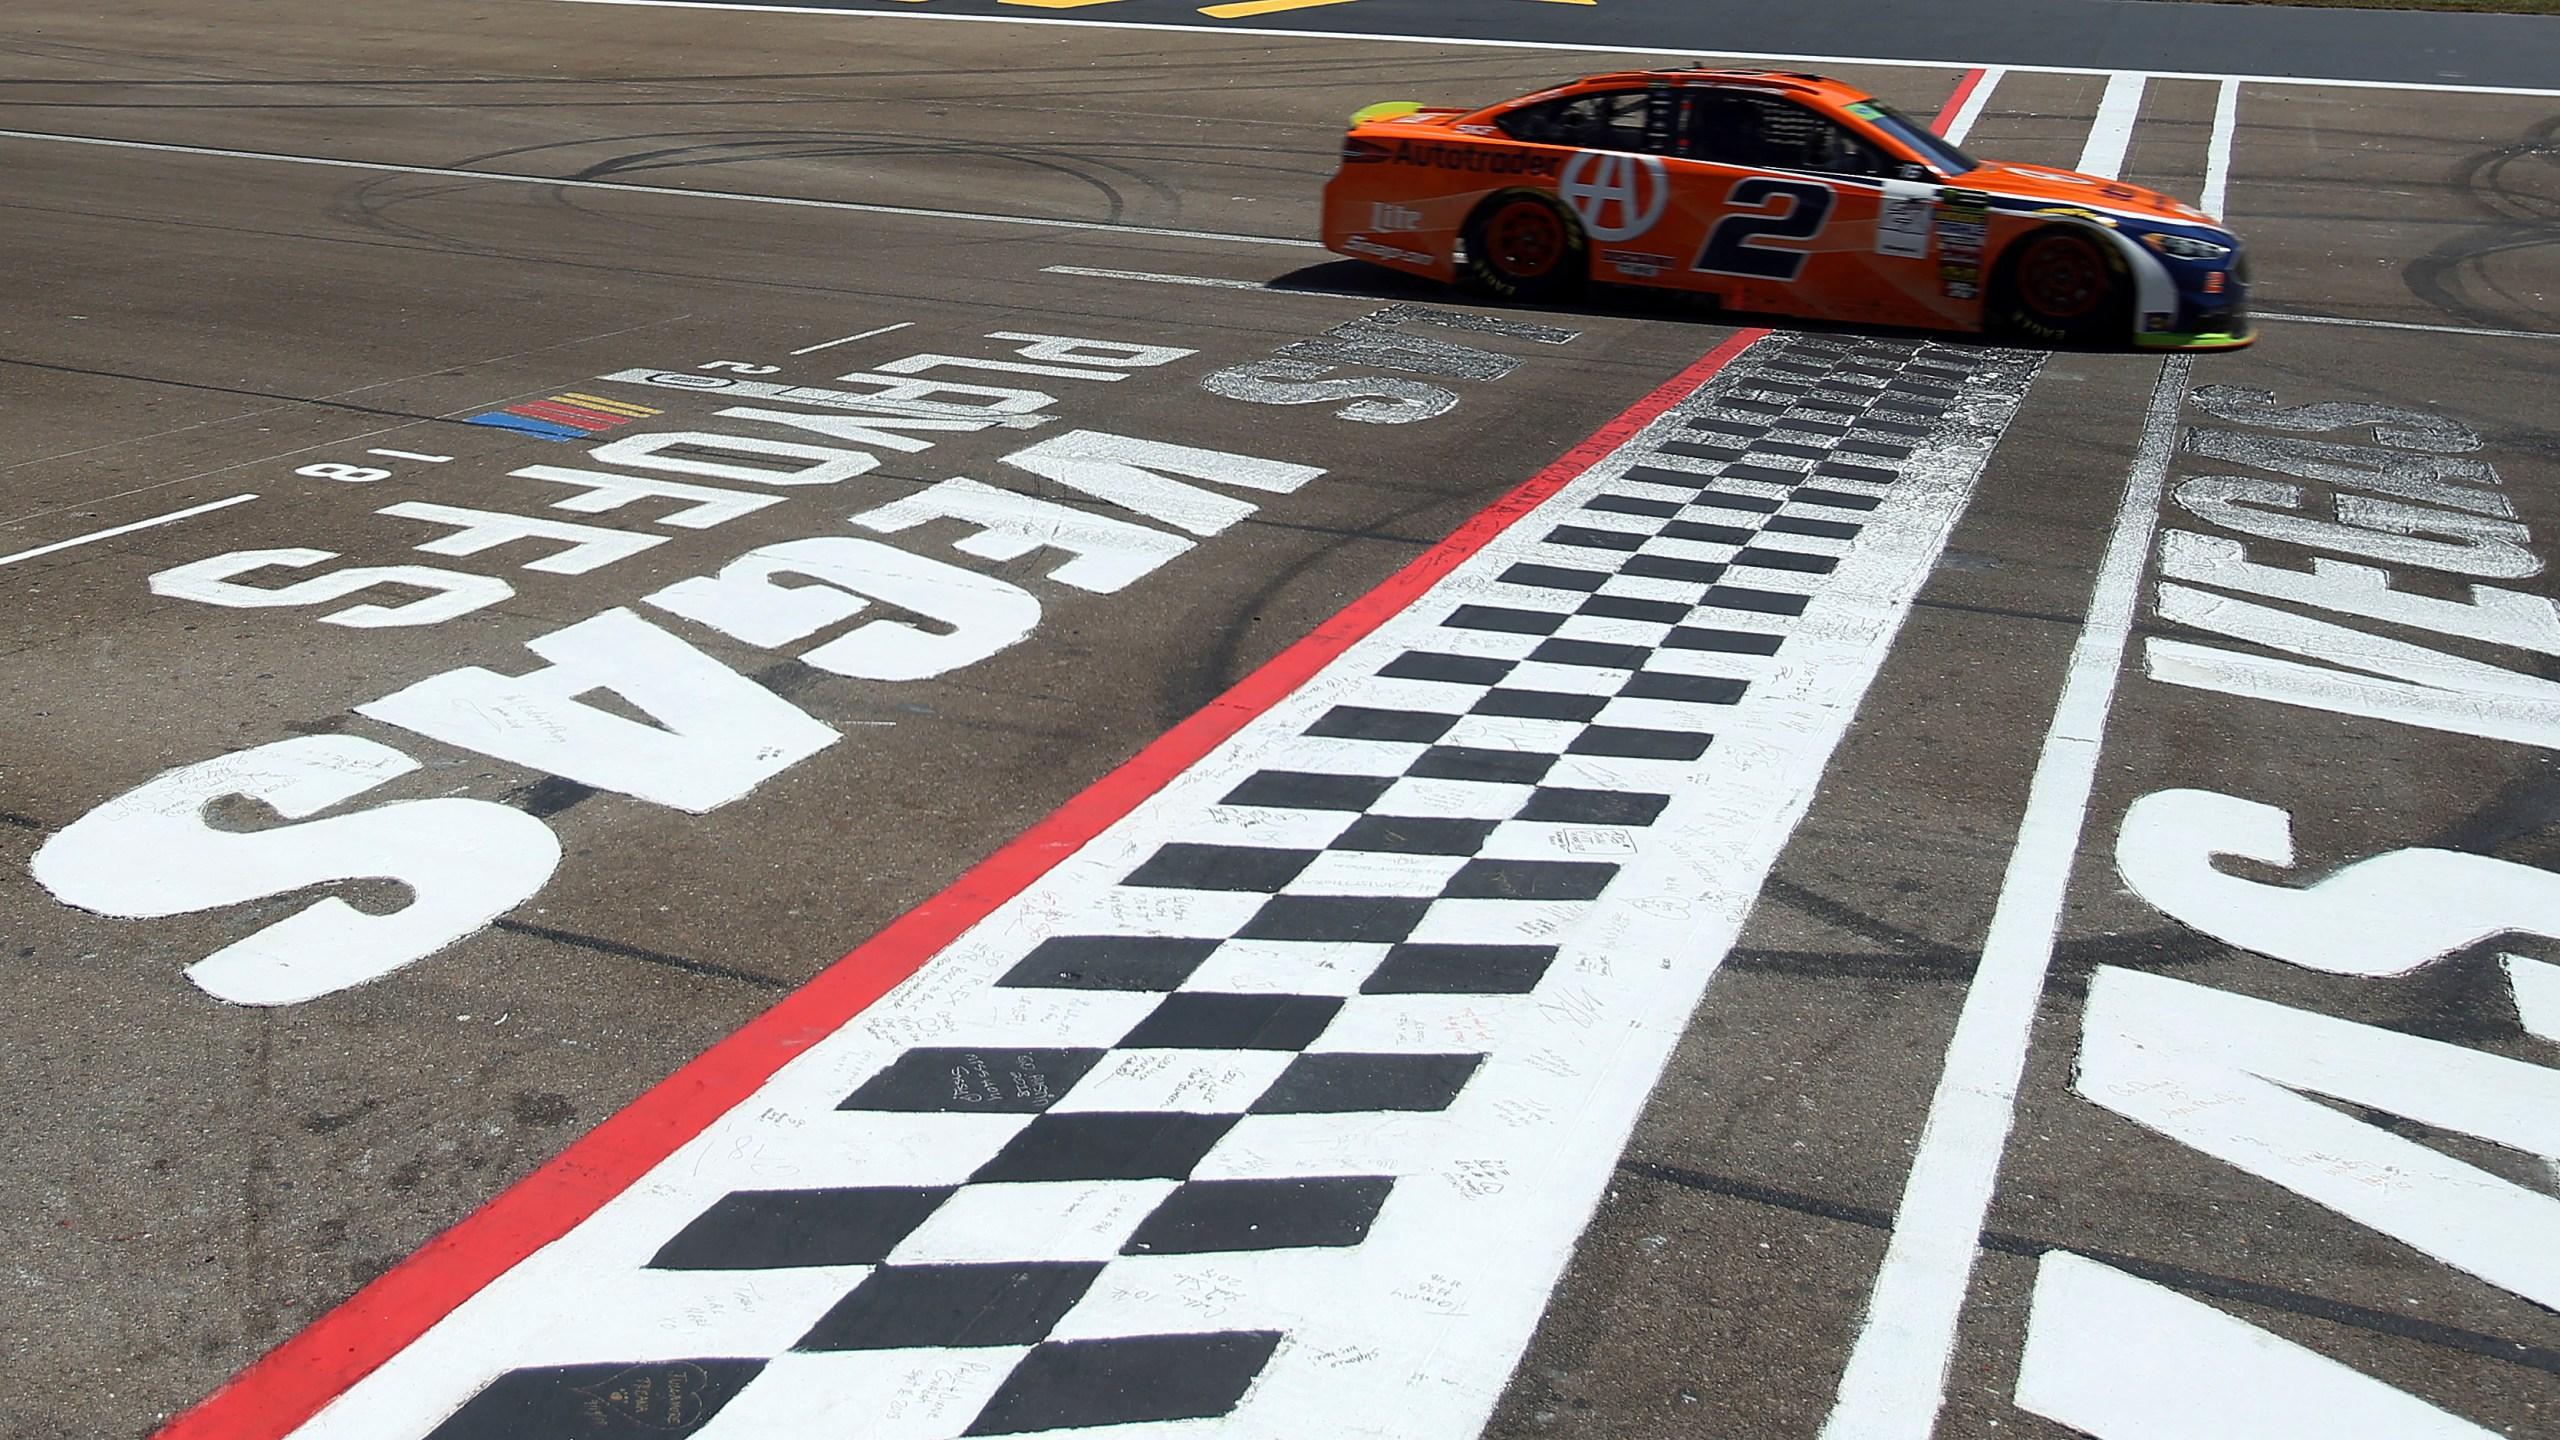 NASCAR_Las_Vegas_Auto_Racing_33244-159532.jpg98350433